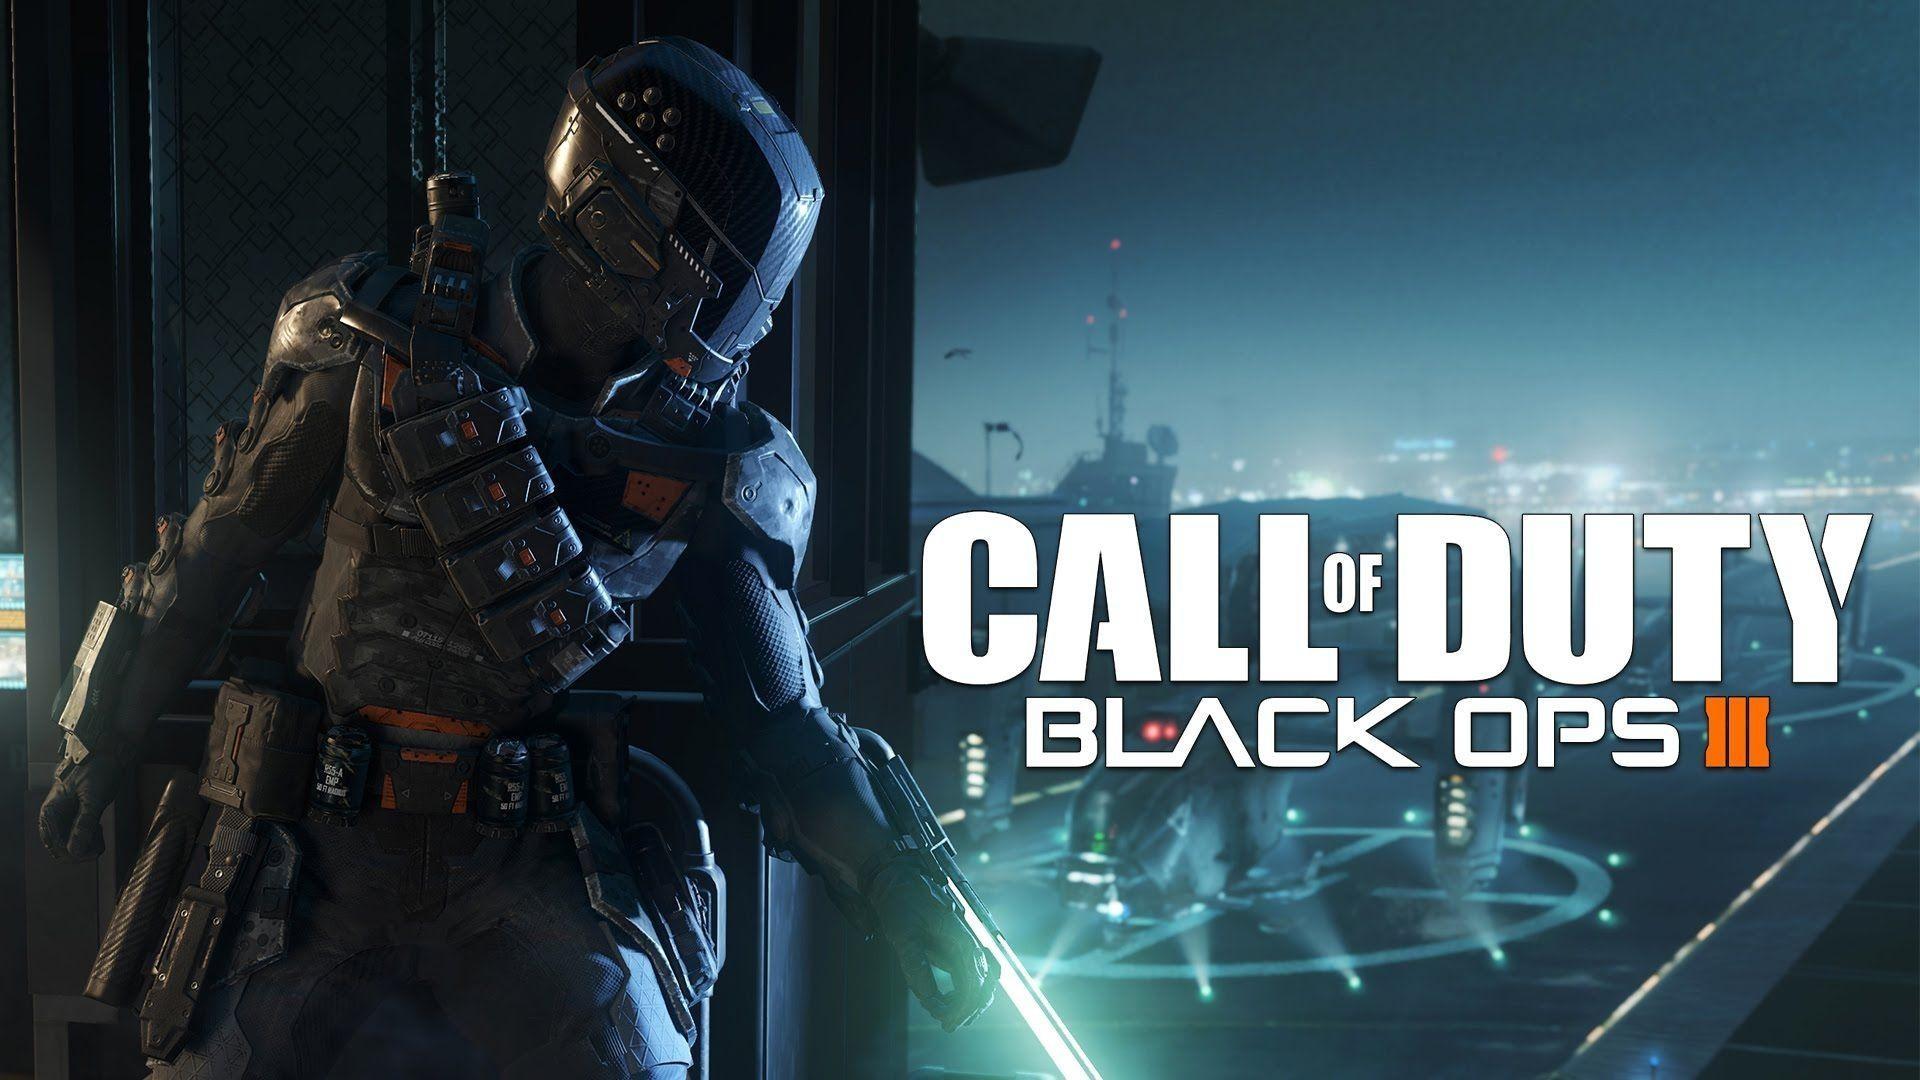 Black Ops 3 Live Wallpaper – WallpaperSafari